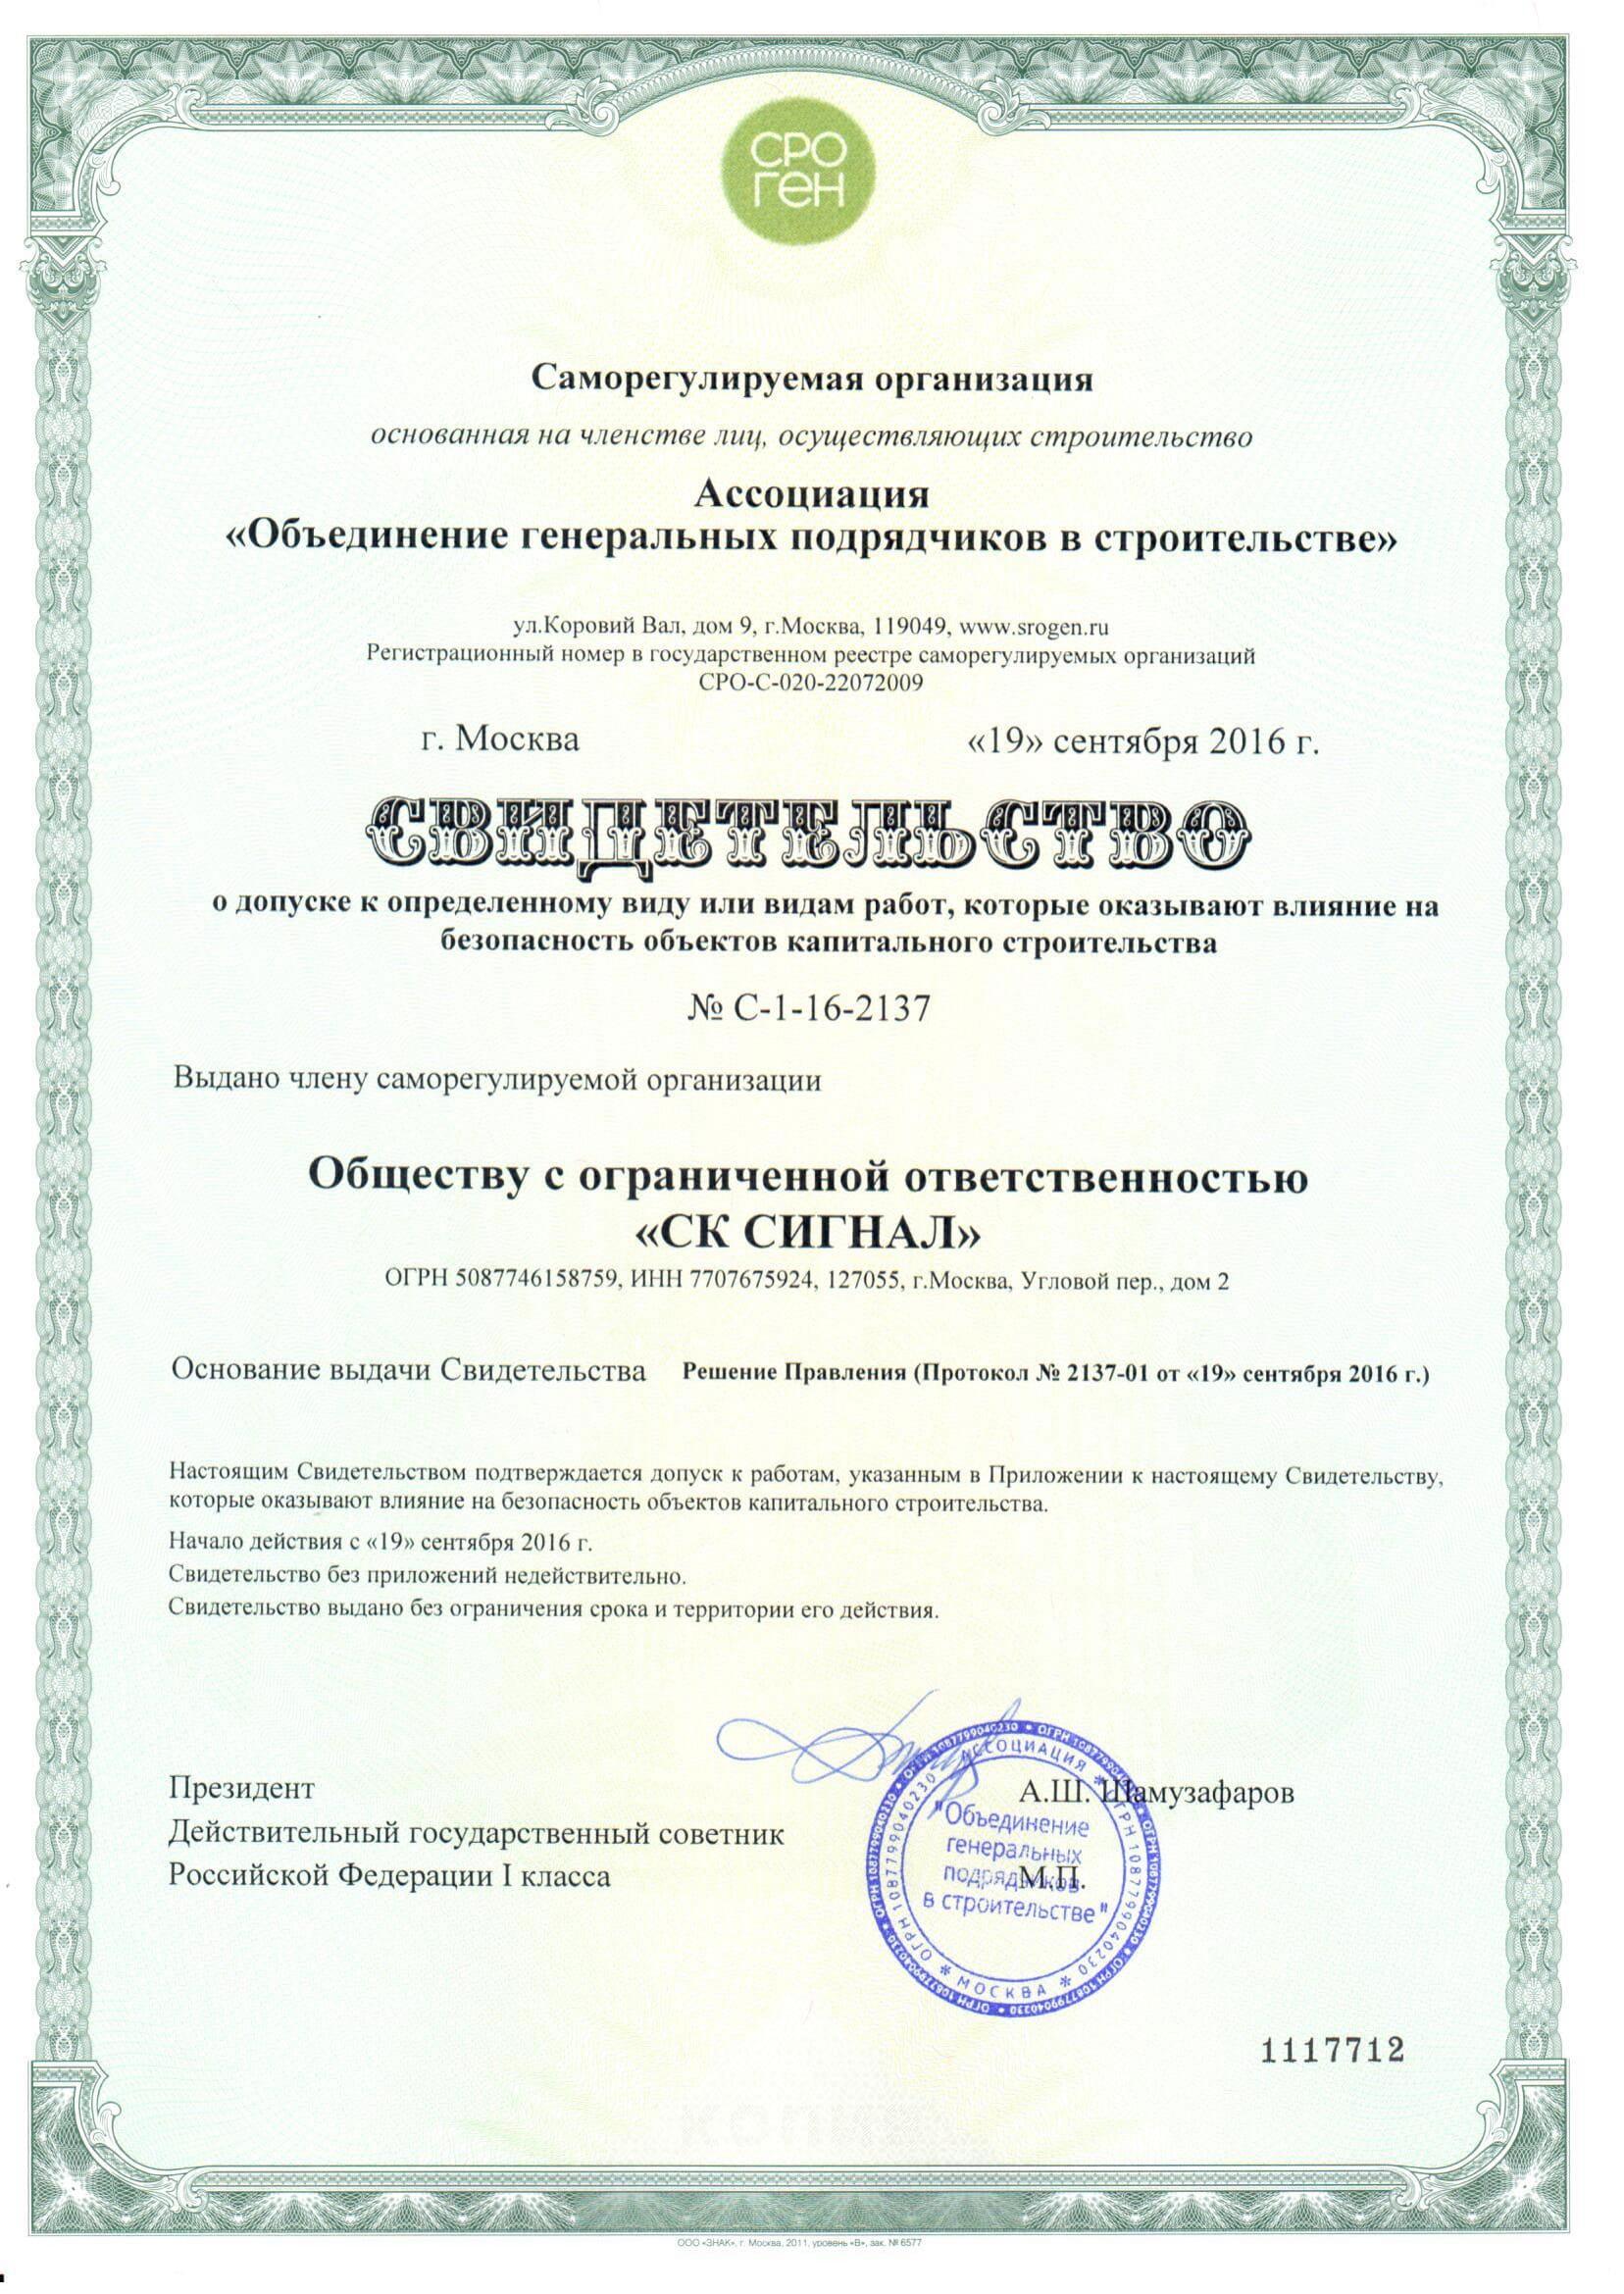 Свидетельство СРО кап. строит. - 2013